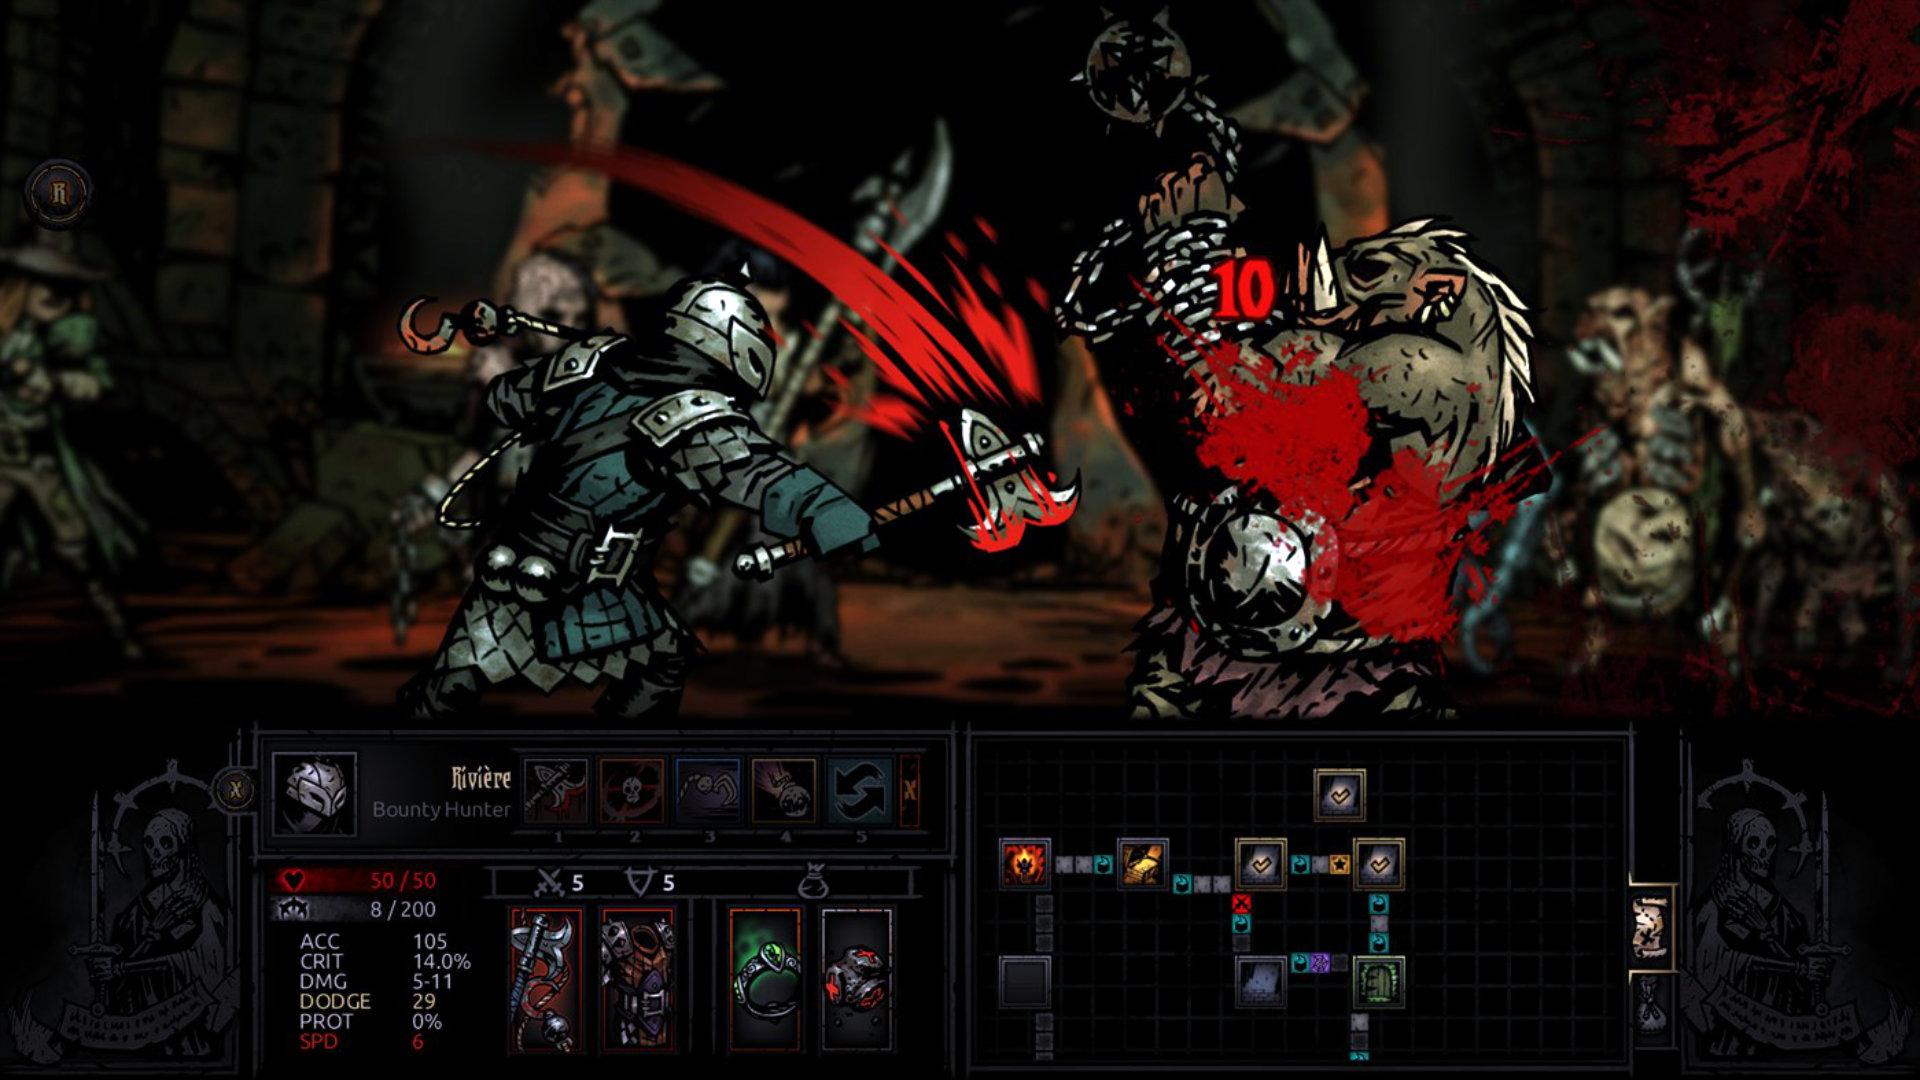 Quelle: Microsoft - Darkest Dungeon